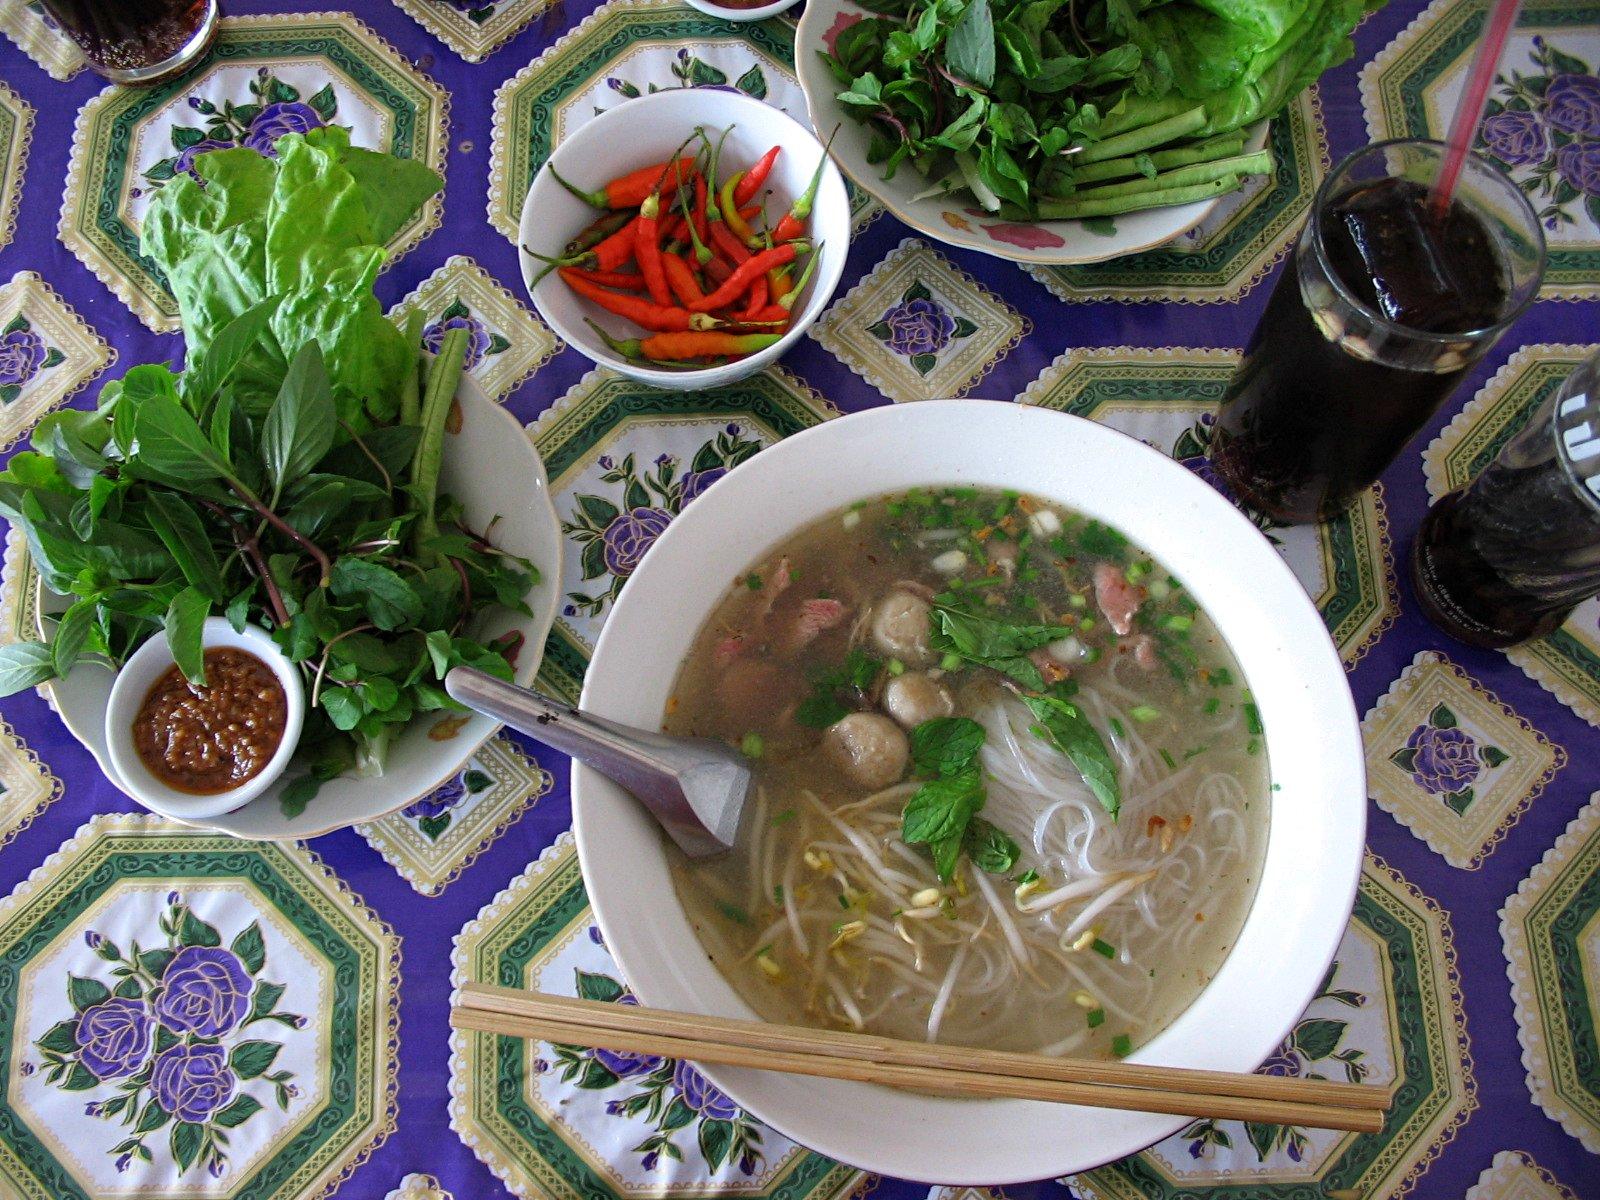 sopa de pescado sencilla y barata